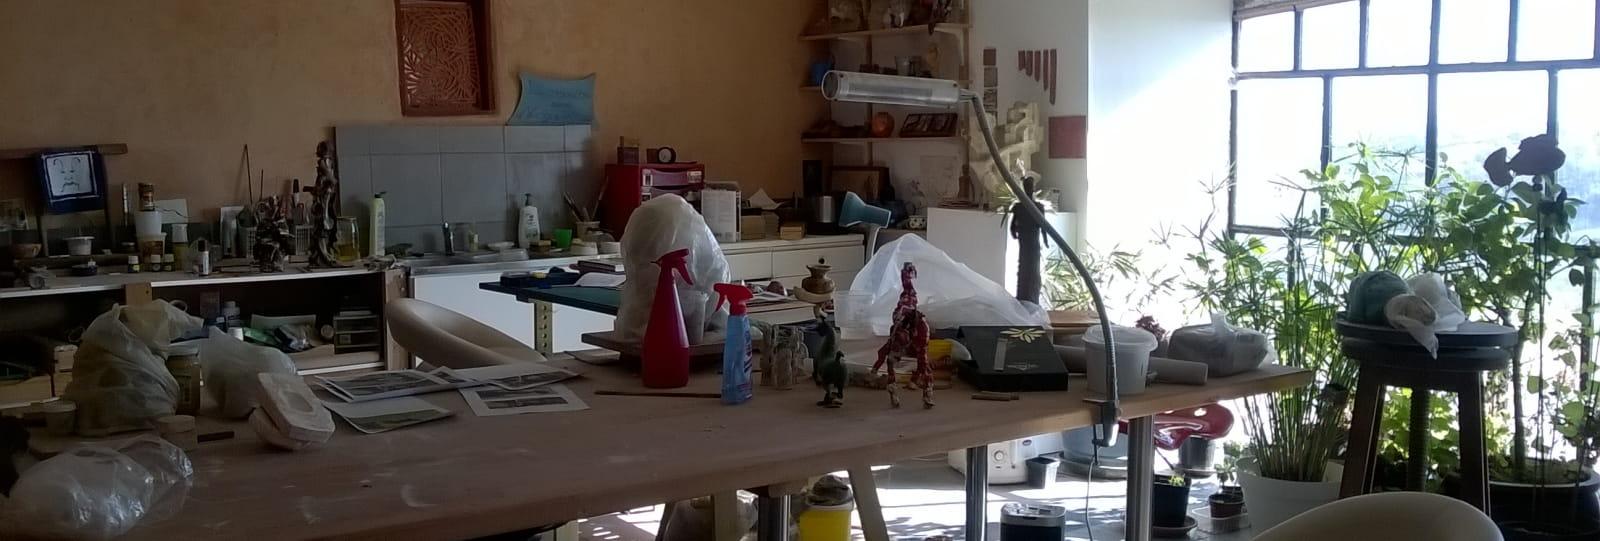 Sculpteur-illustratrice Bernard-Lacour Pascale